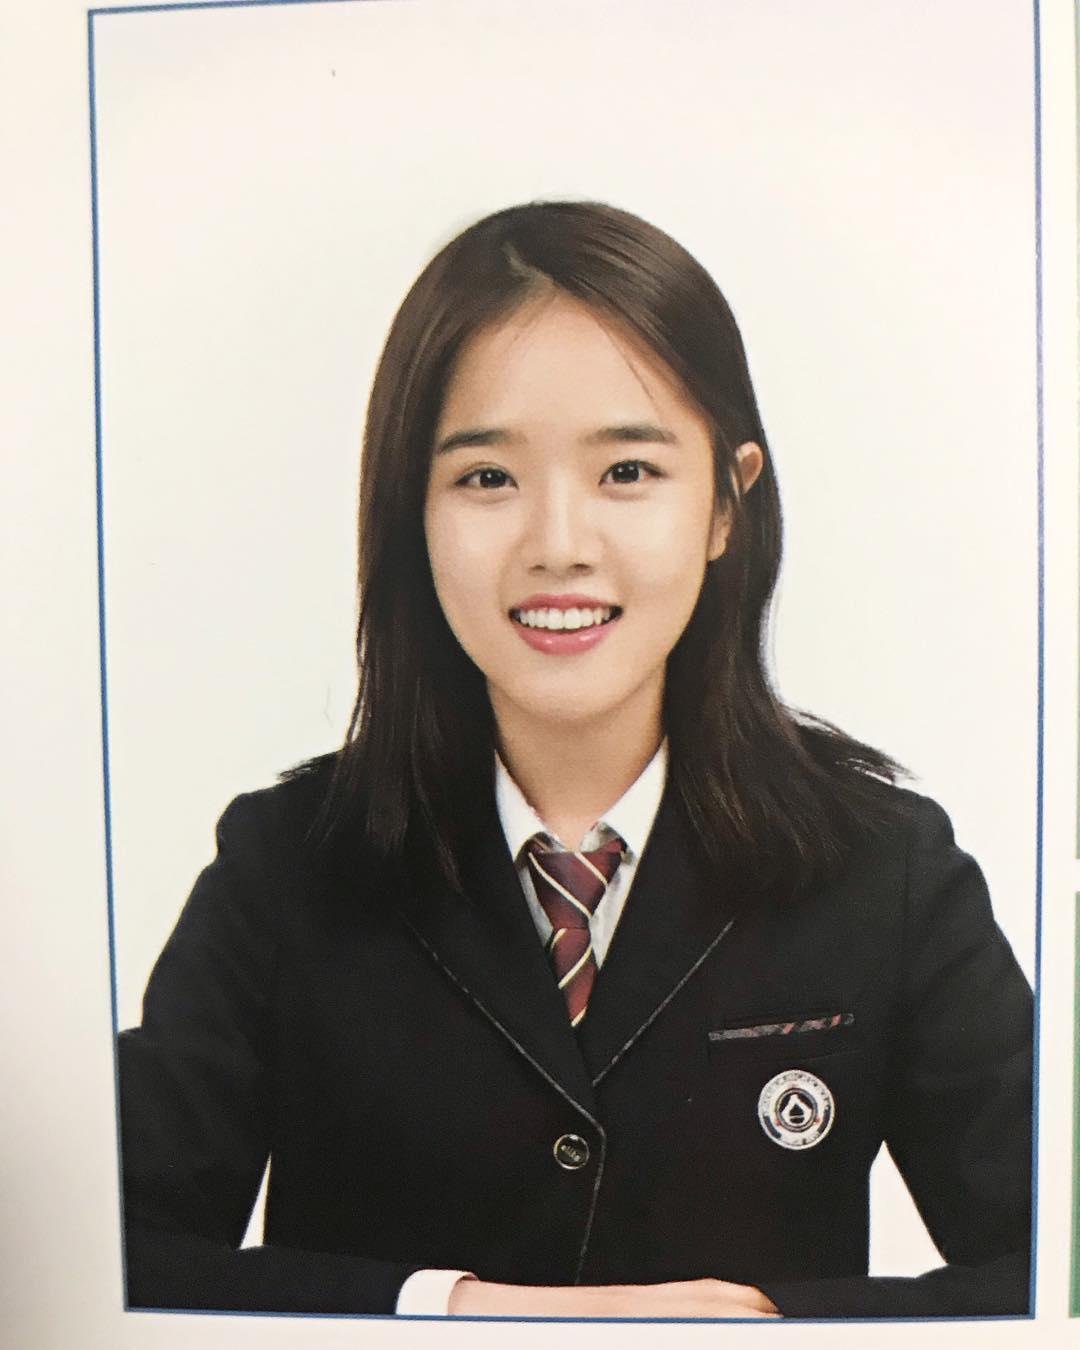 从小女孩变小女人,99后的韩国小童星们都长大了!一起来盘点一下她们的近况吧!插图9